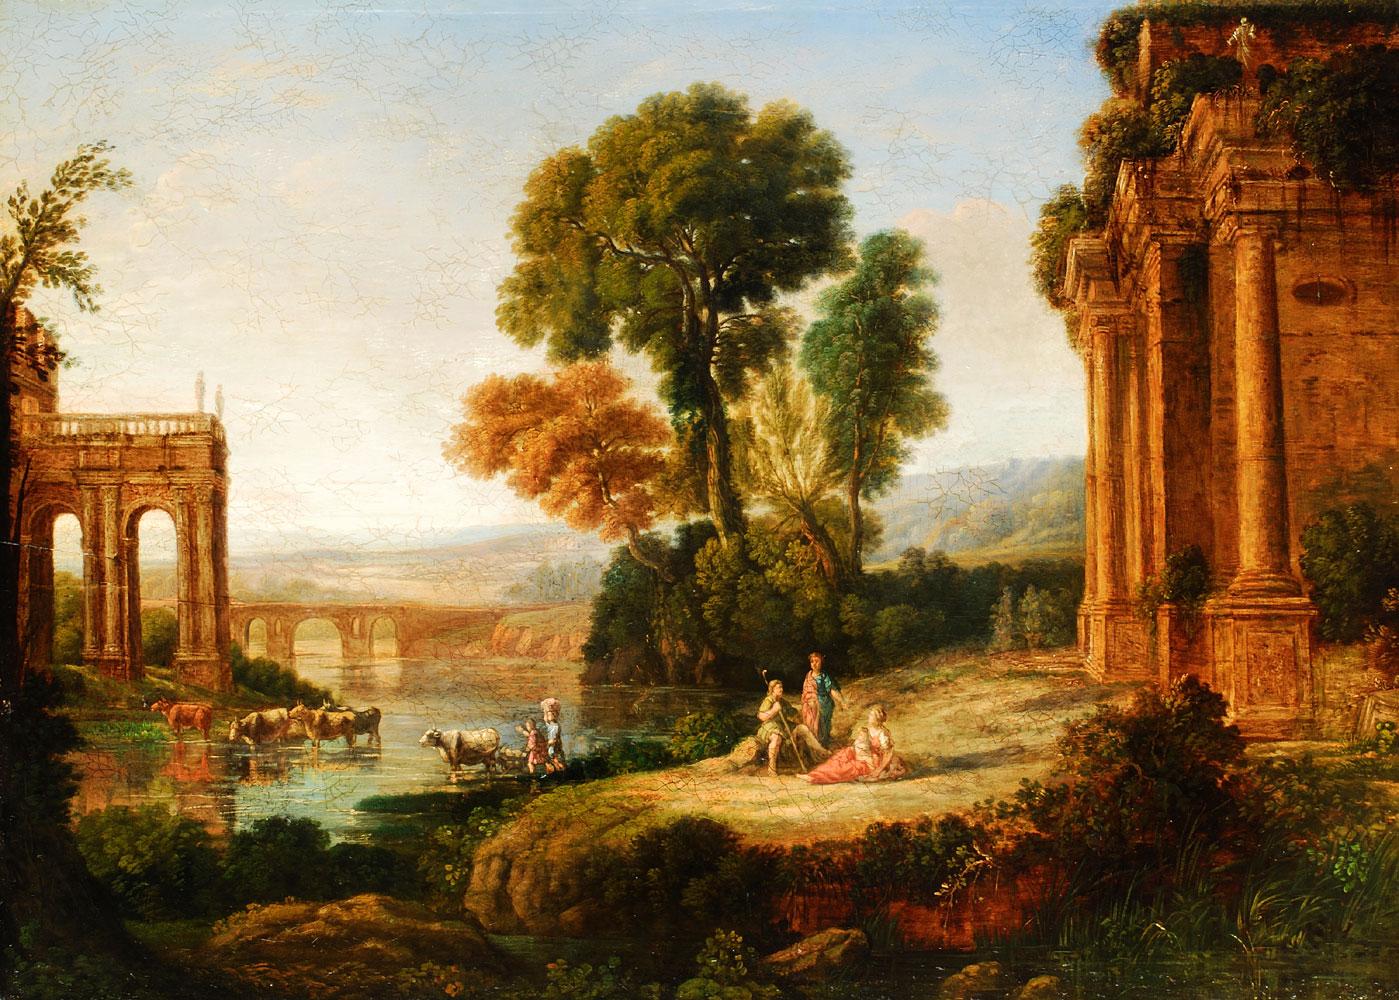 Französischer Maler des 17. Jahrhunderts, in Art von Claude-Lorrain